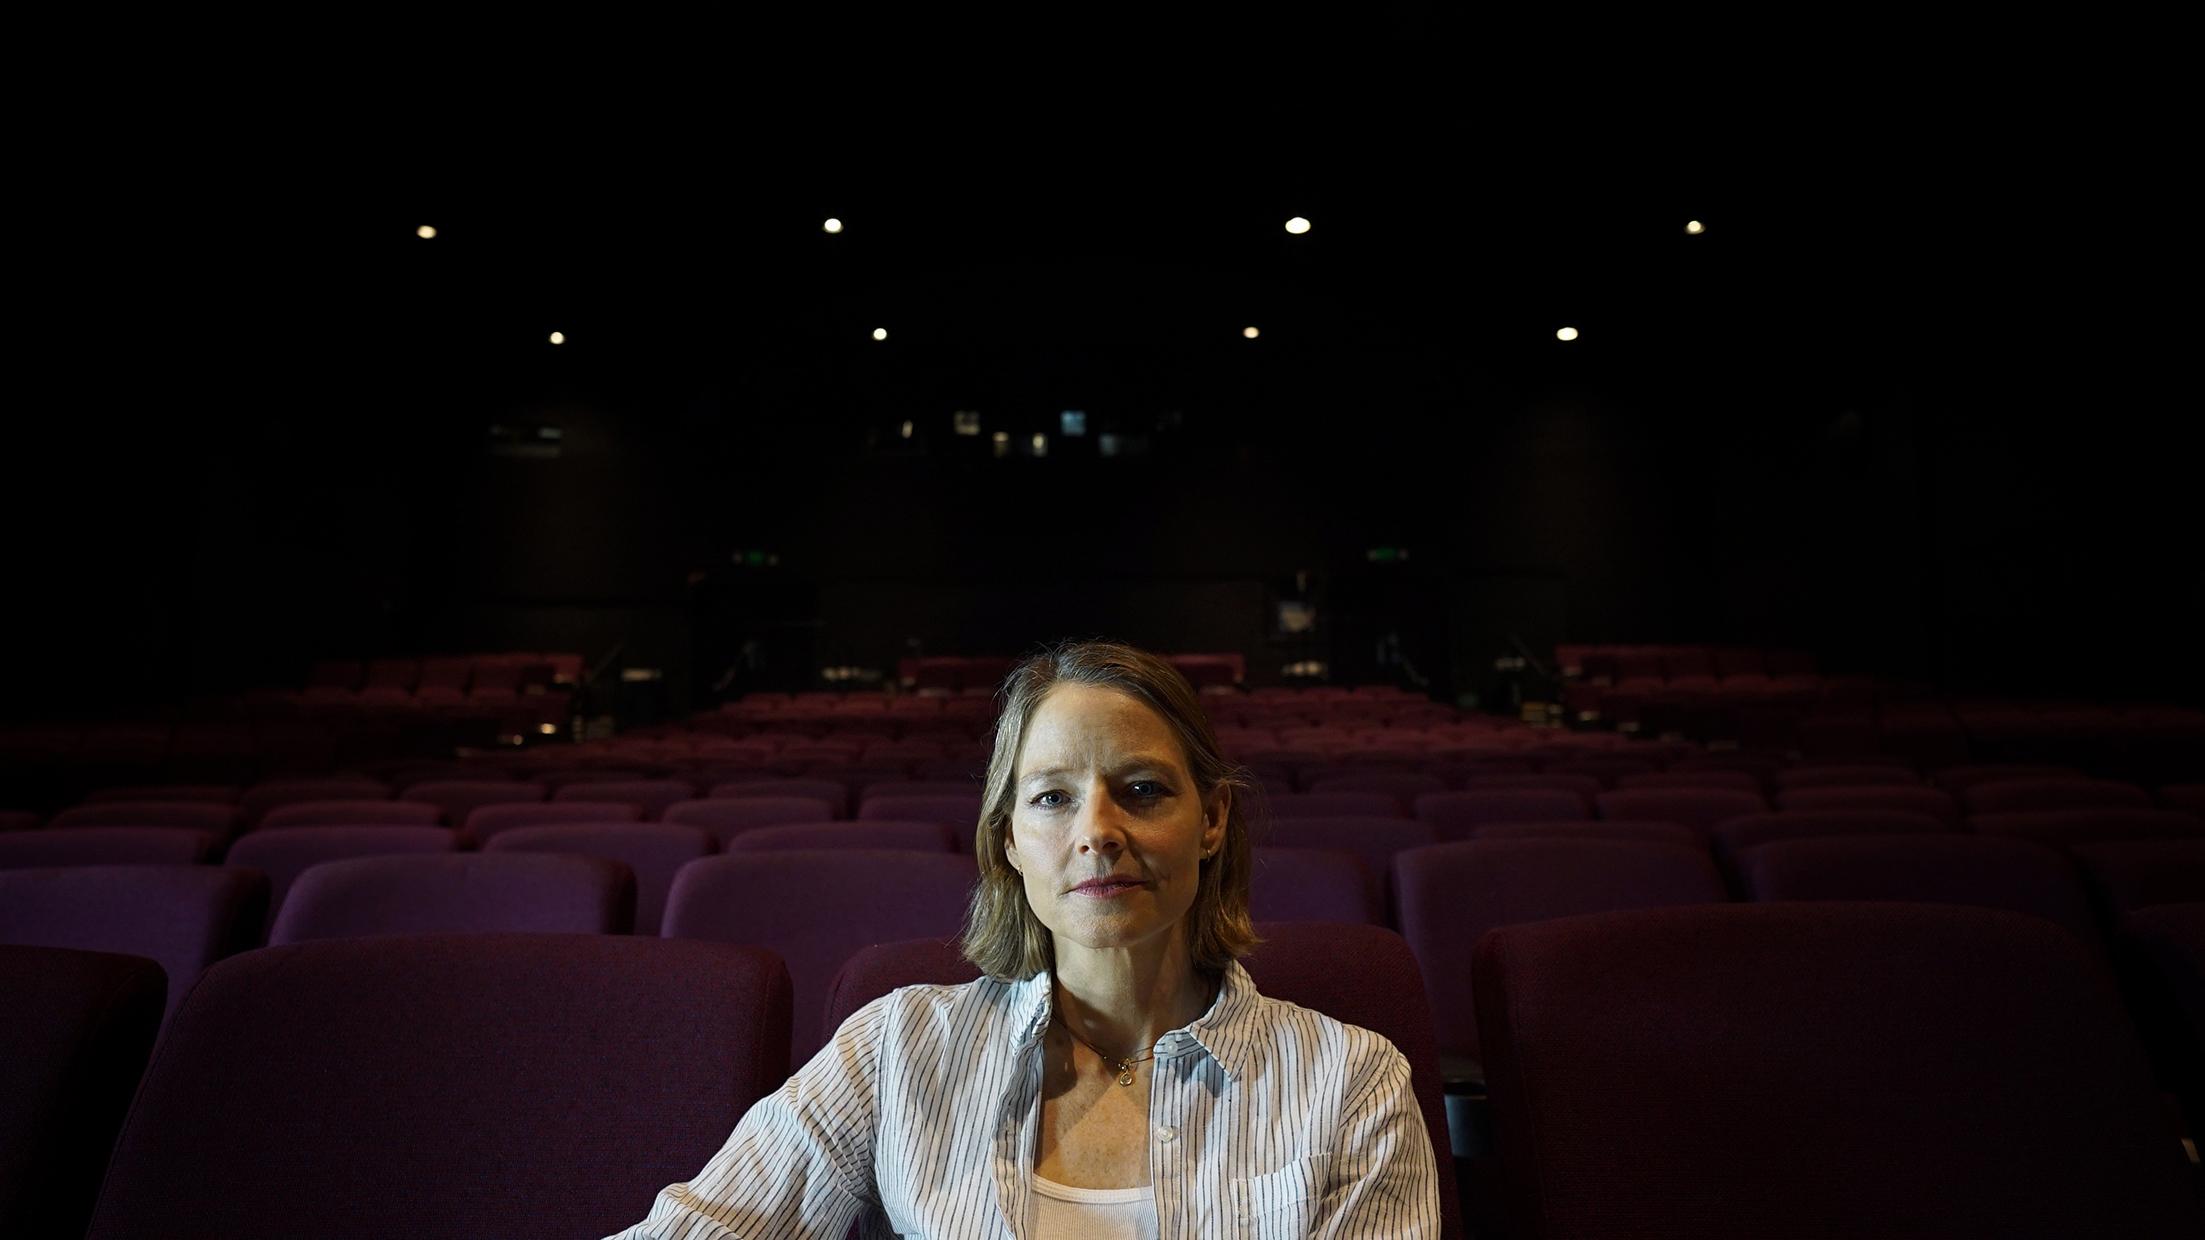 奧斯卡影后茱蒂佛斯特曾演出《沉默的羔羊》、《被告》等電影,於本片現身說法。